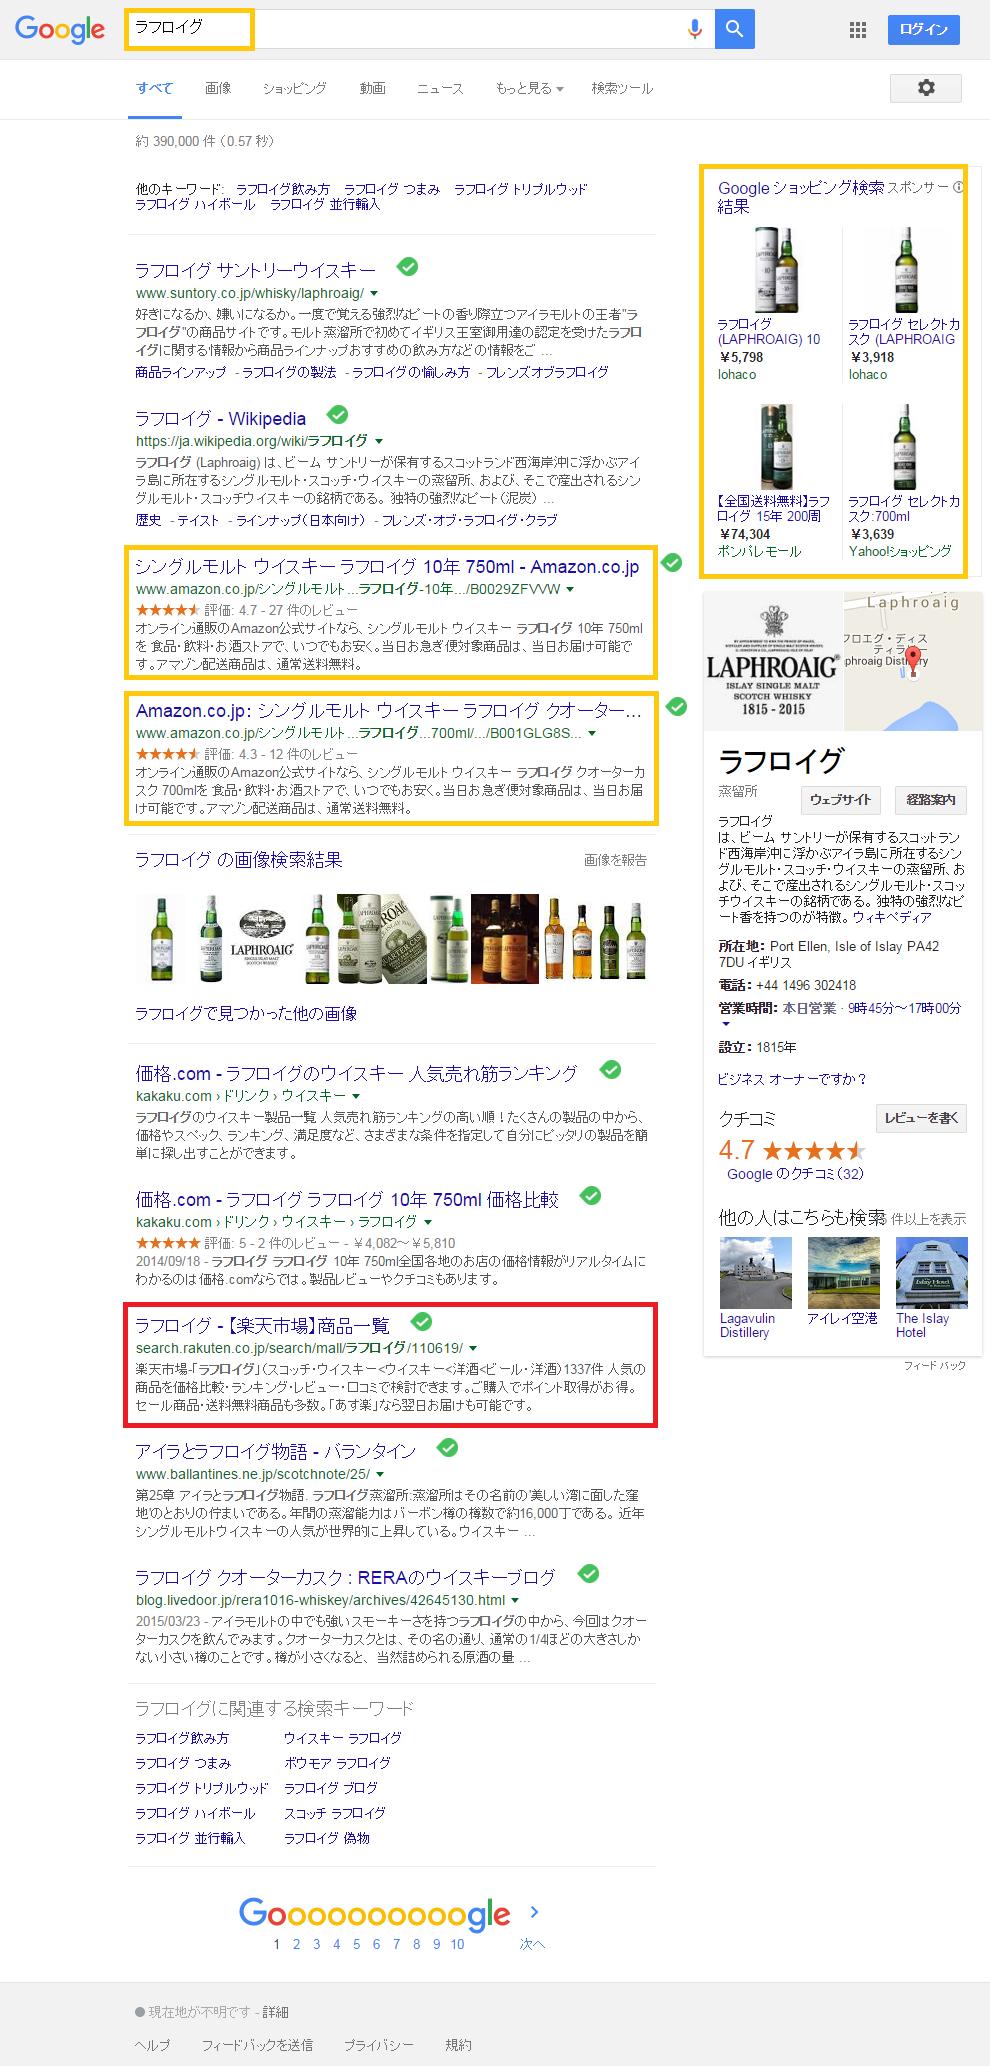 ラフロイグ   Google 検索0102.png